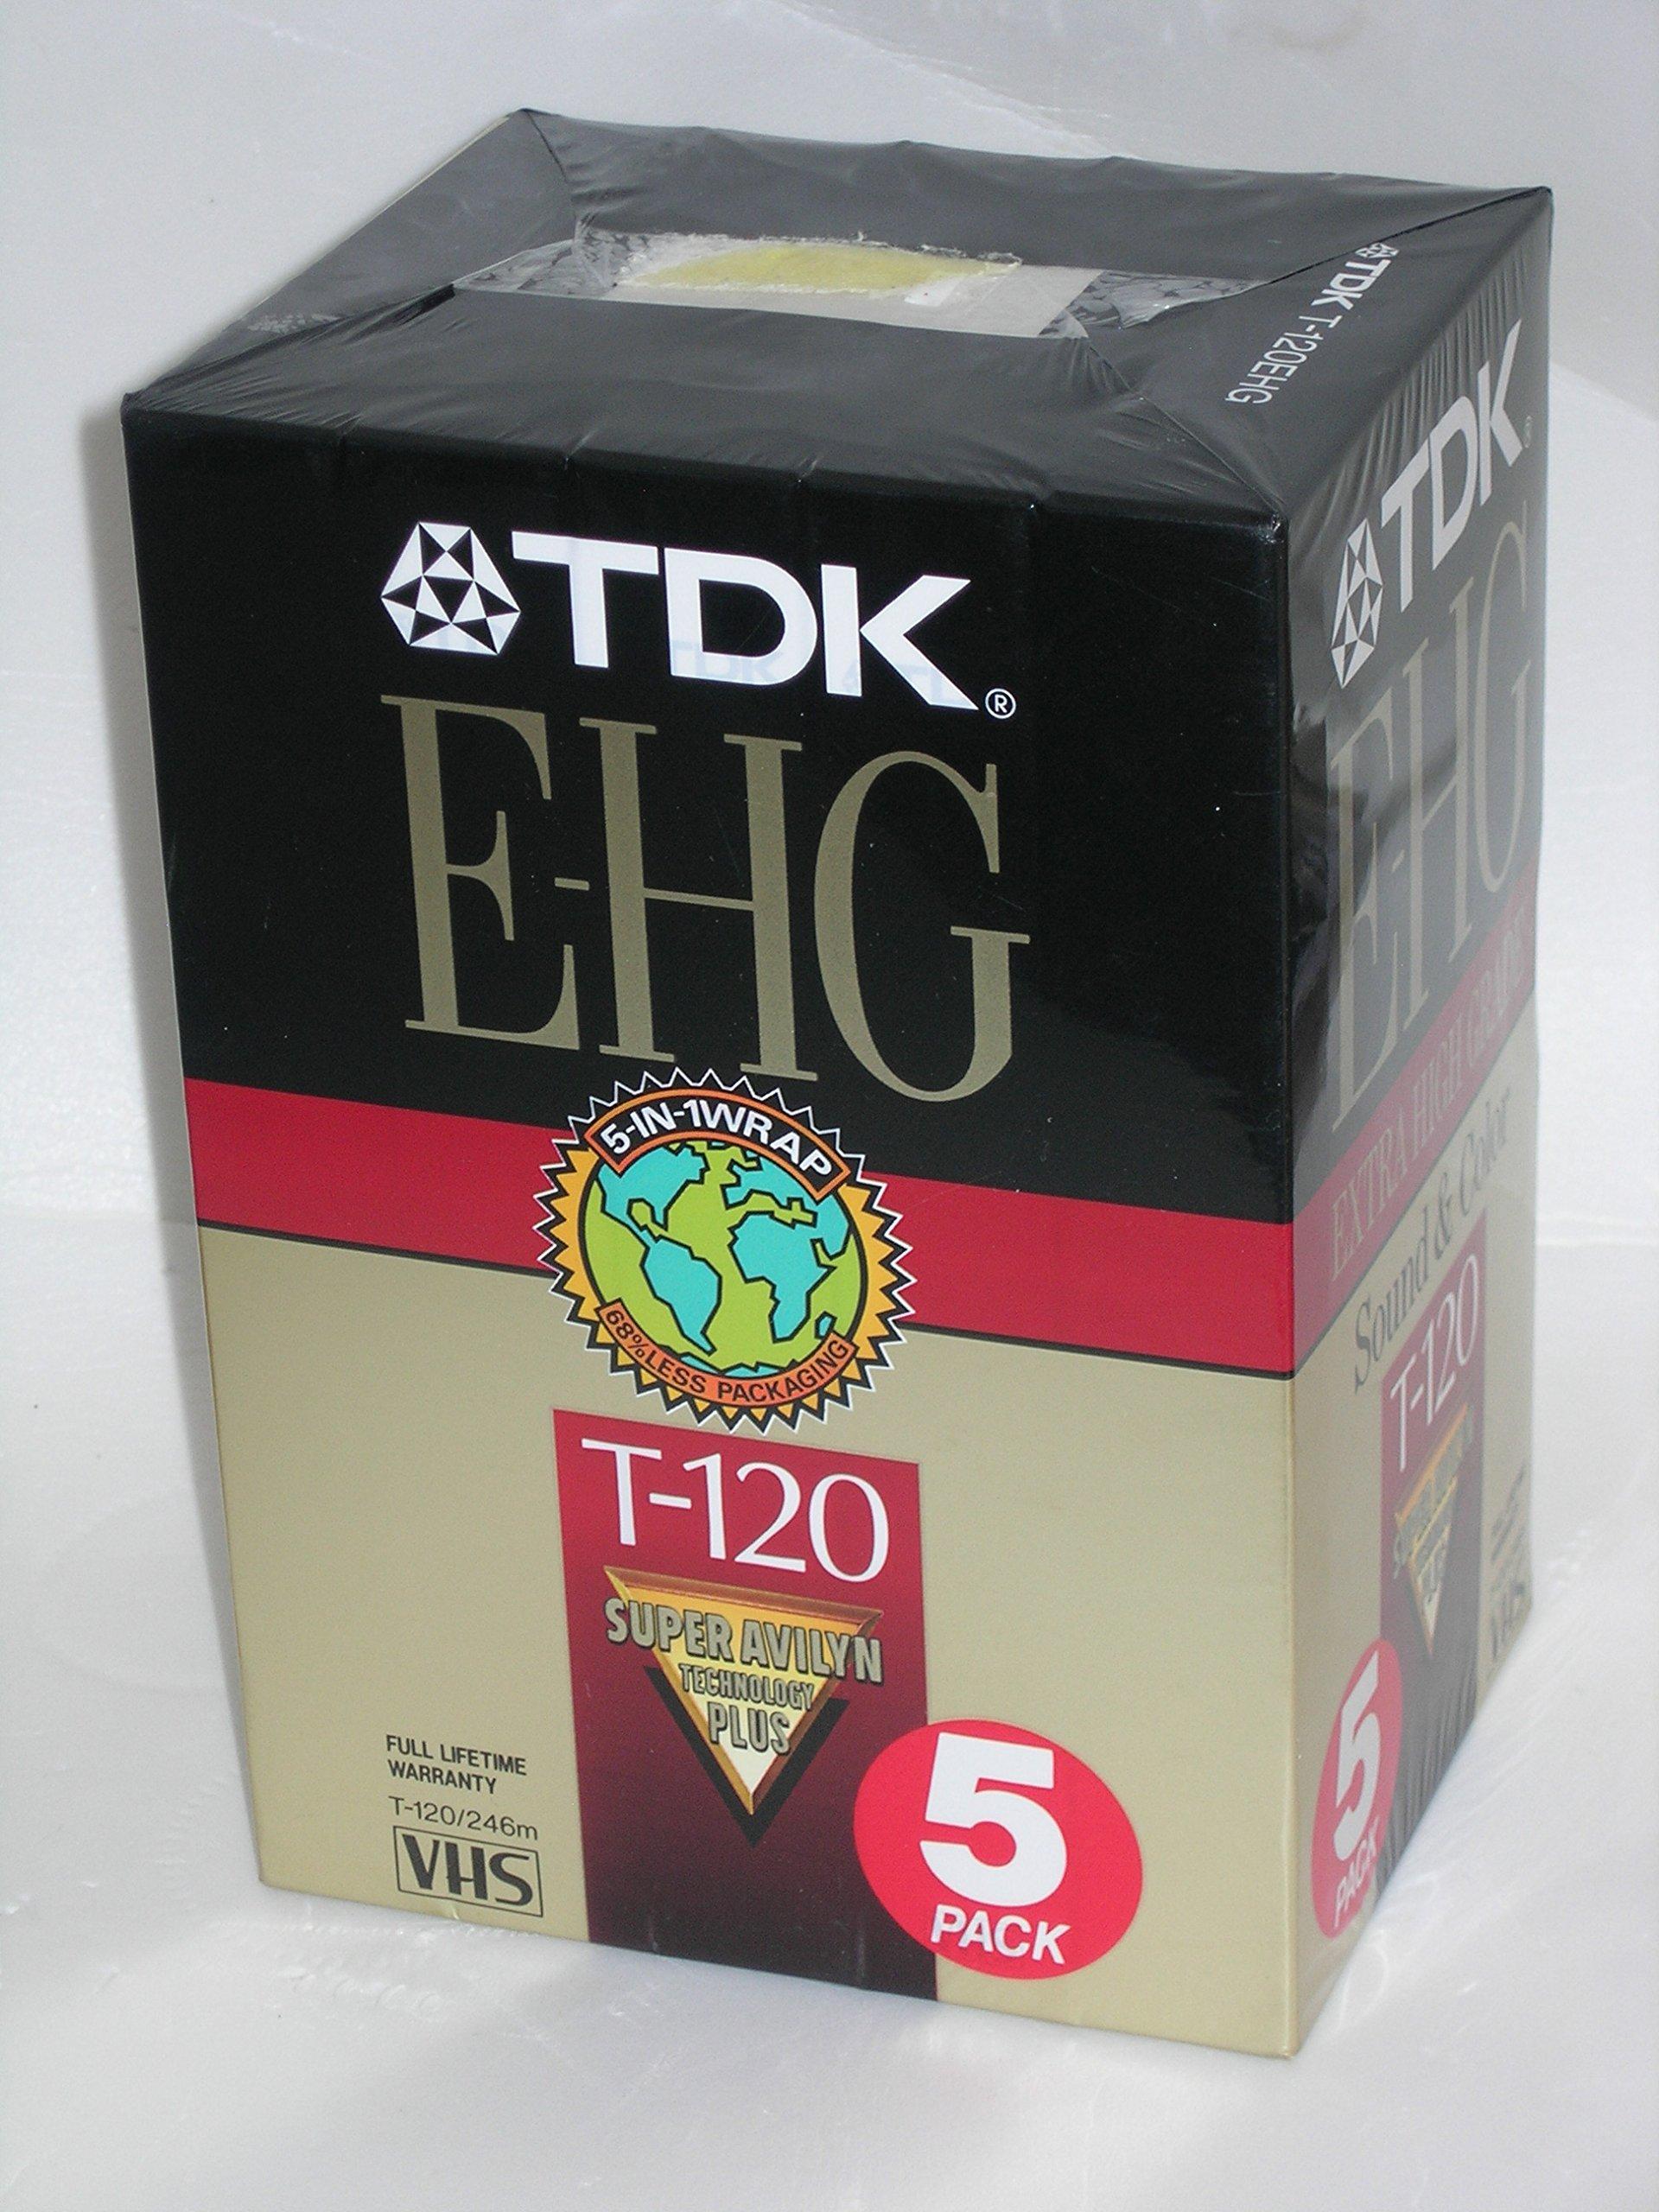 TDK 5-Pack E-HG VHS Tapes T-120 Super Avilyn